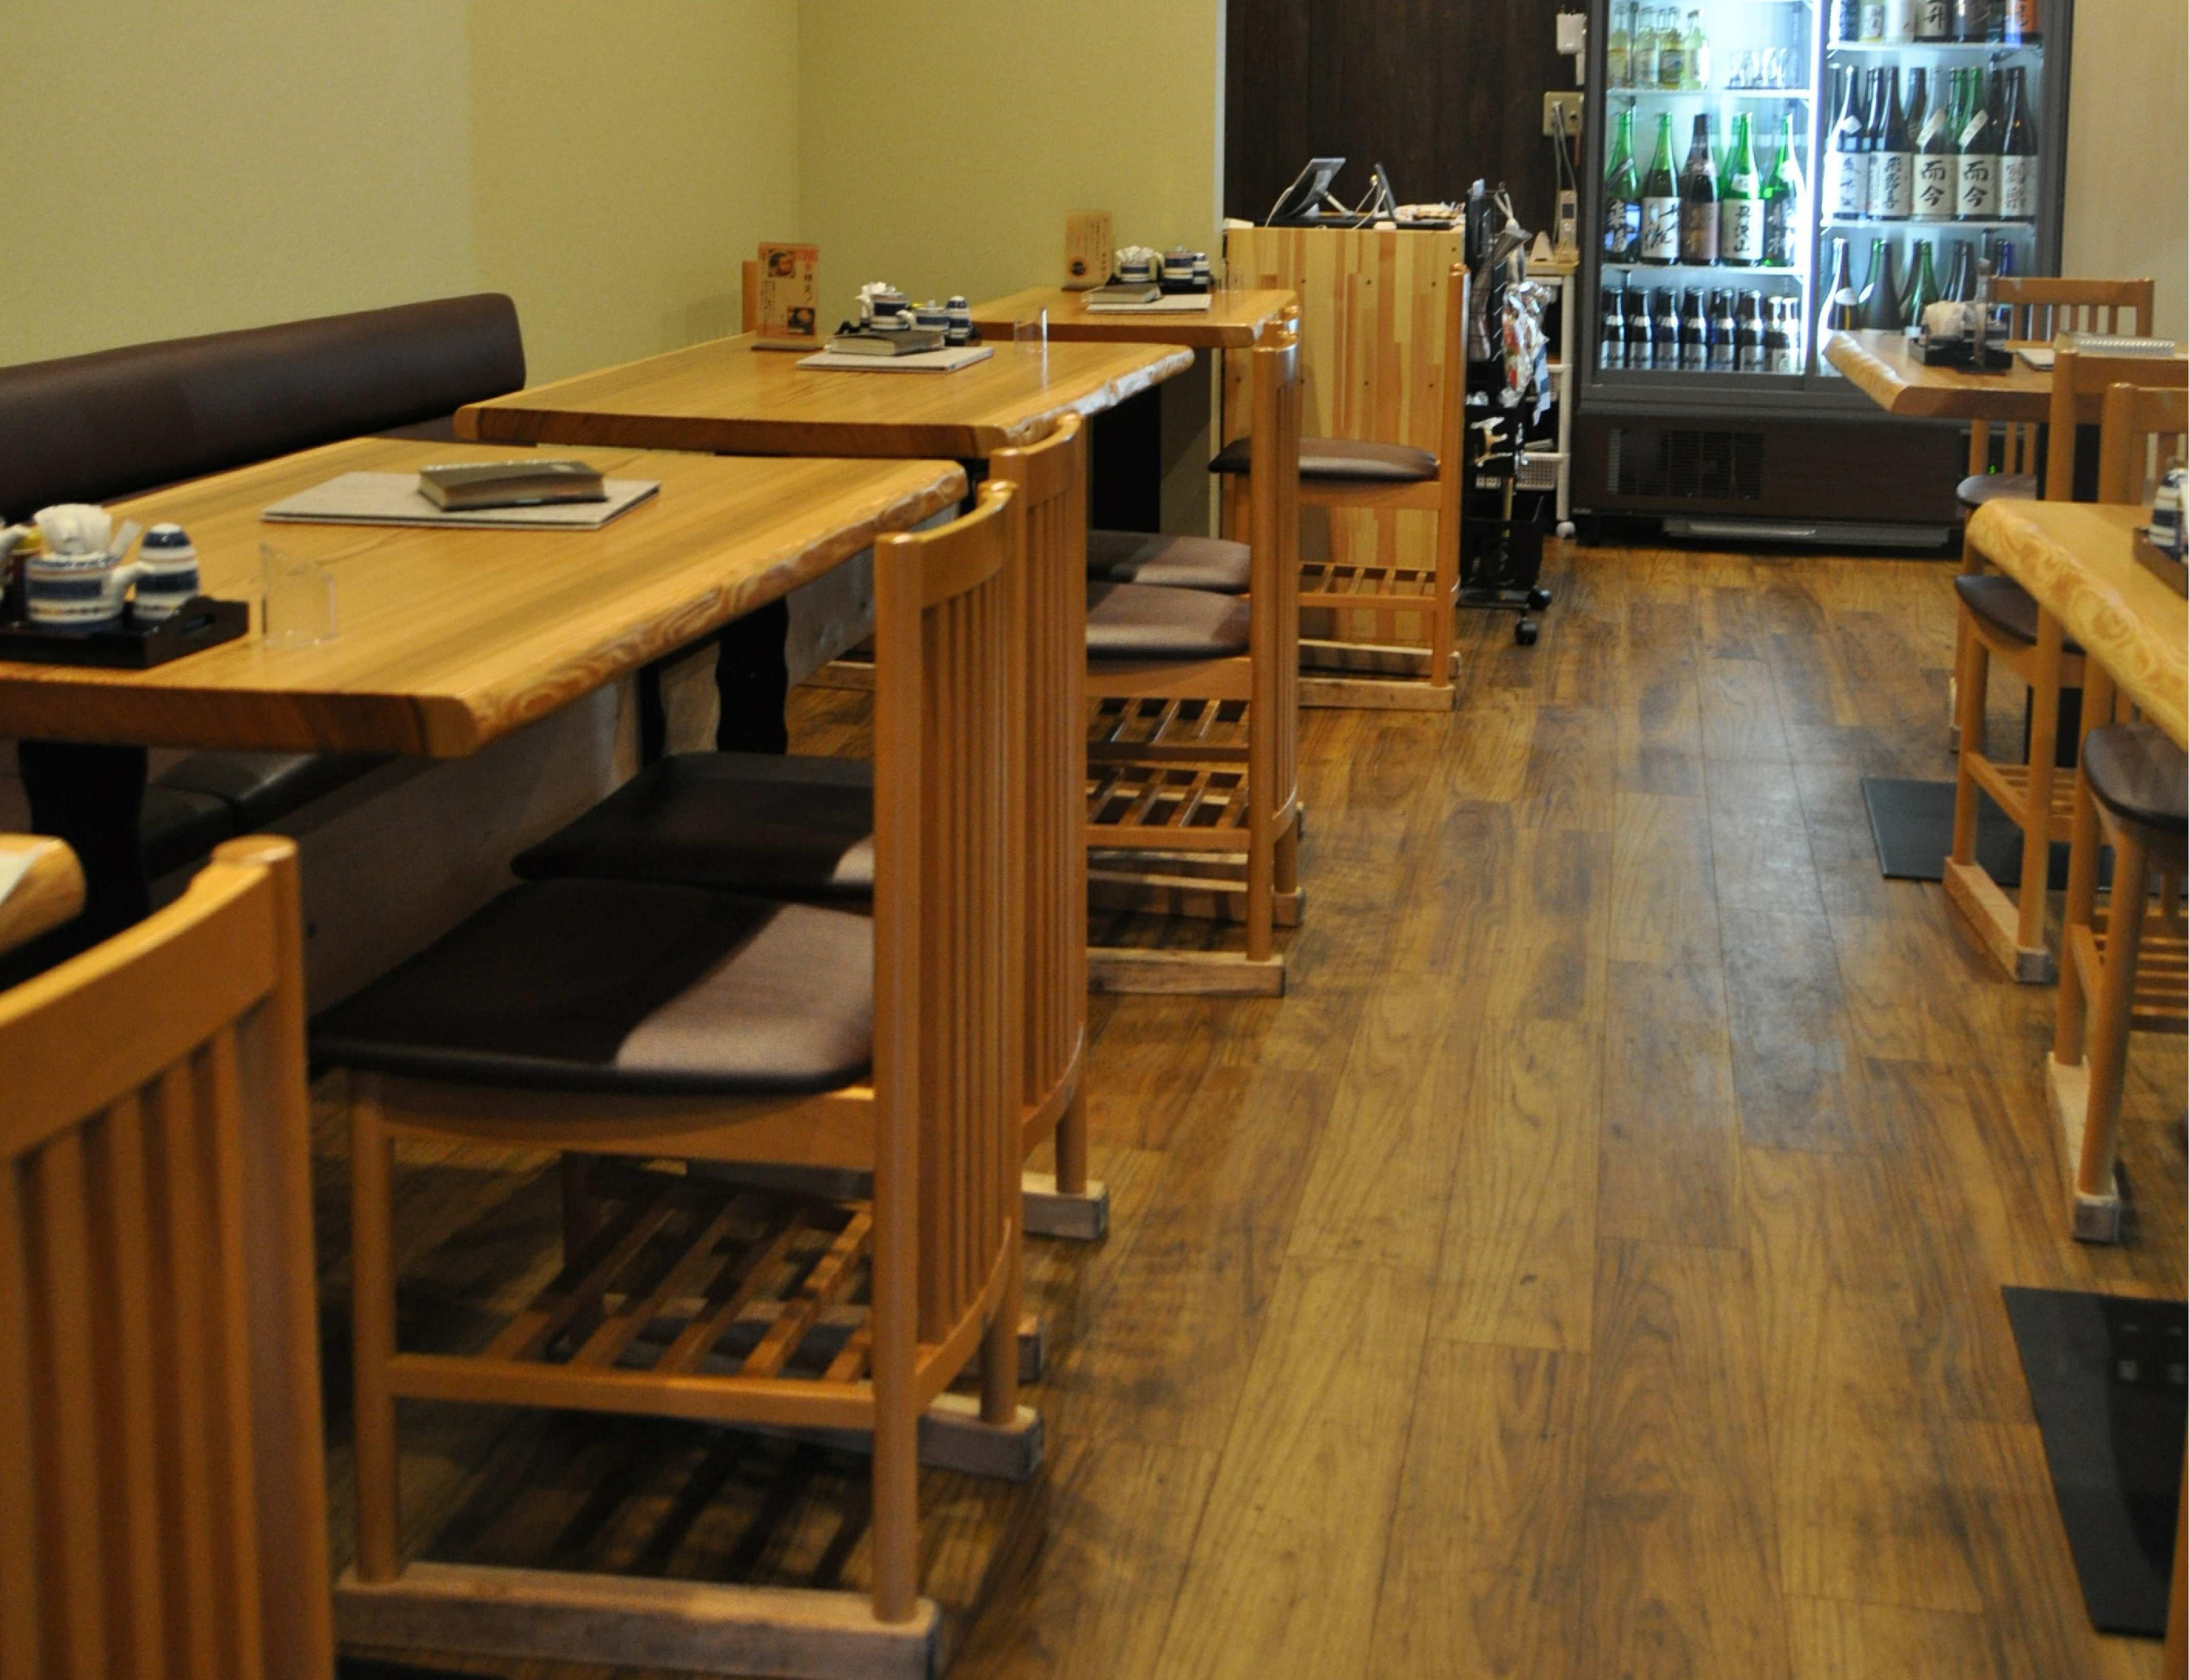 広めのテーブルとカウンター、個室があり、合わせて30席。 20名前後で貸し切りもOK。